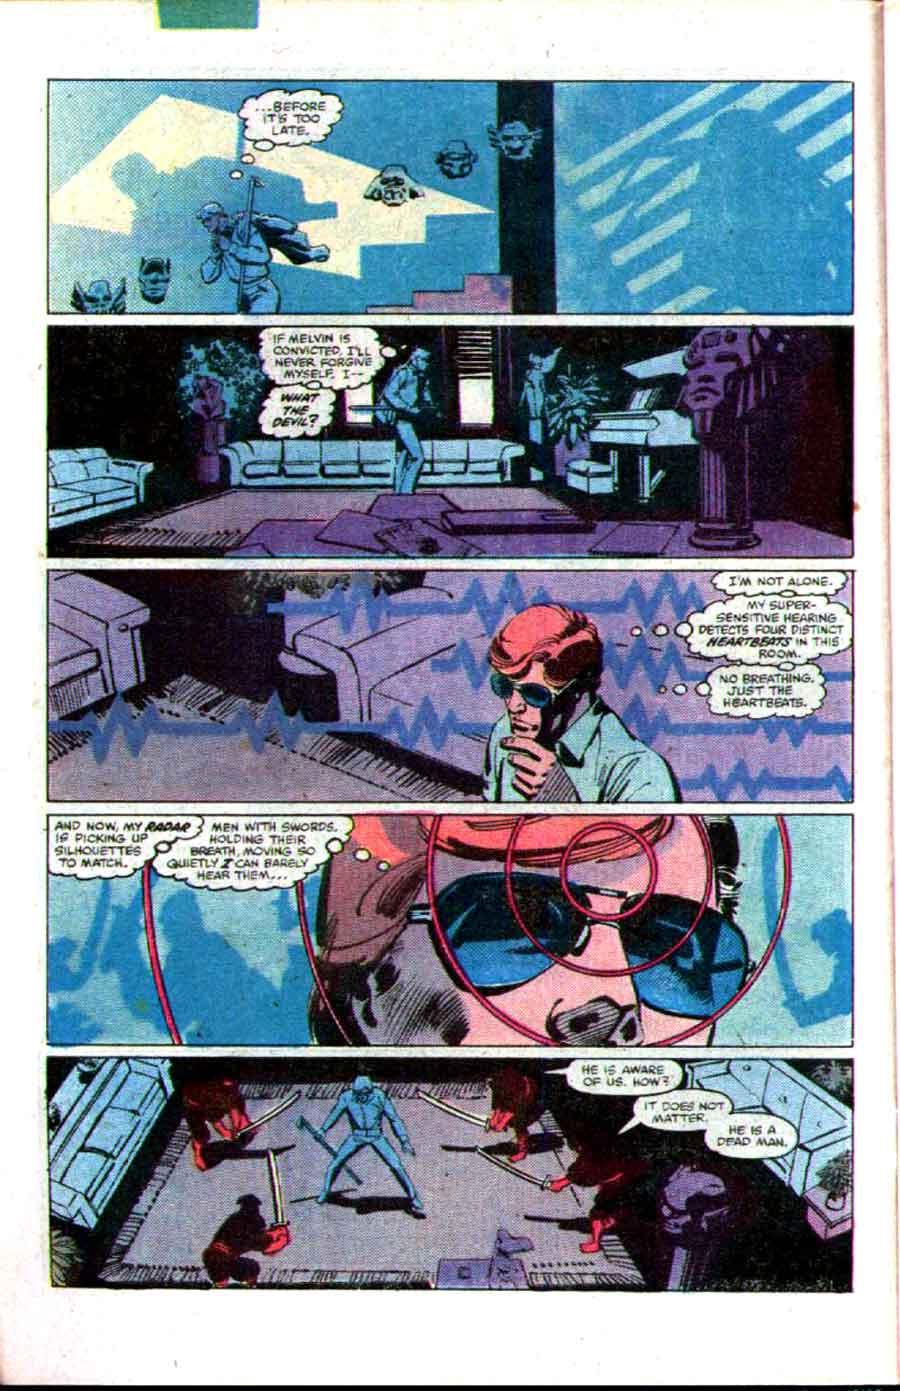 Daredevil v1 #174 marvel comic book page art by Frank Miller